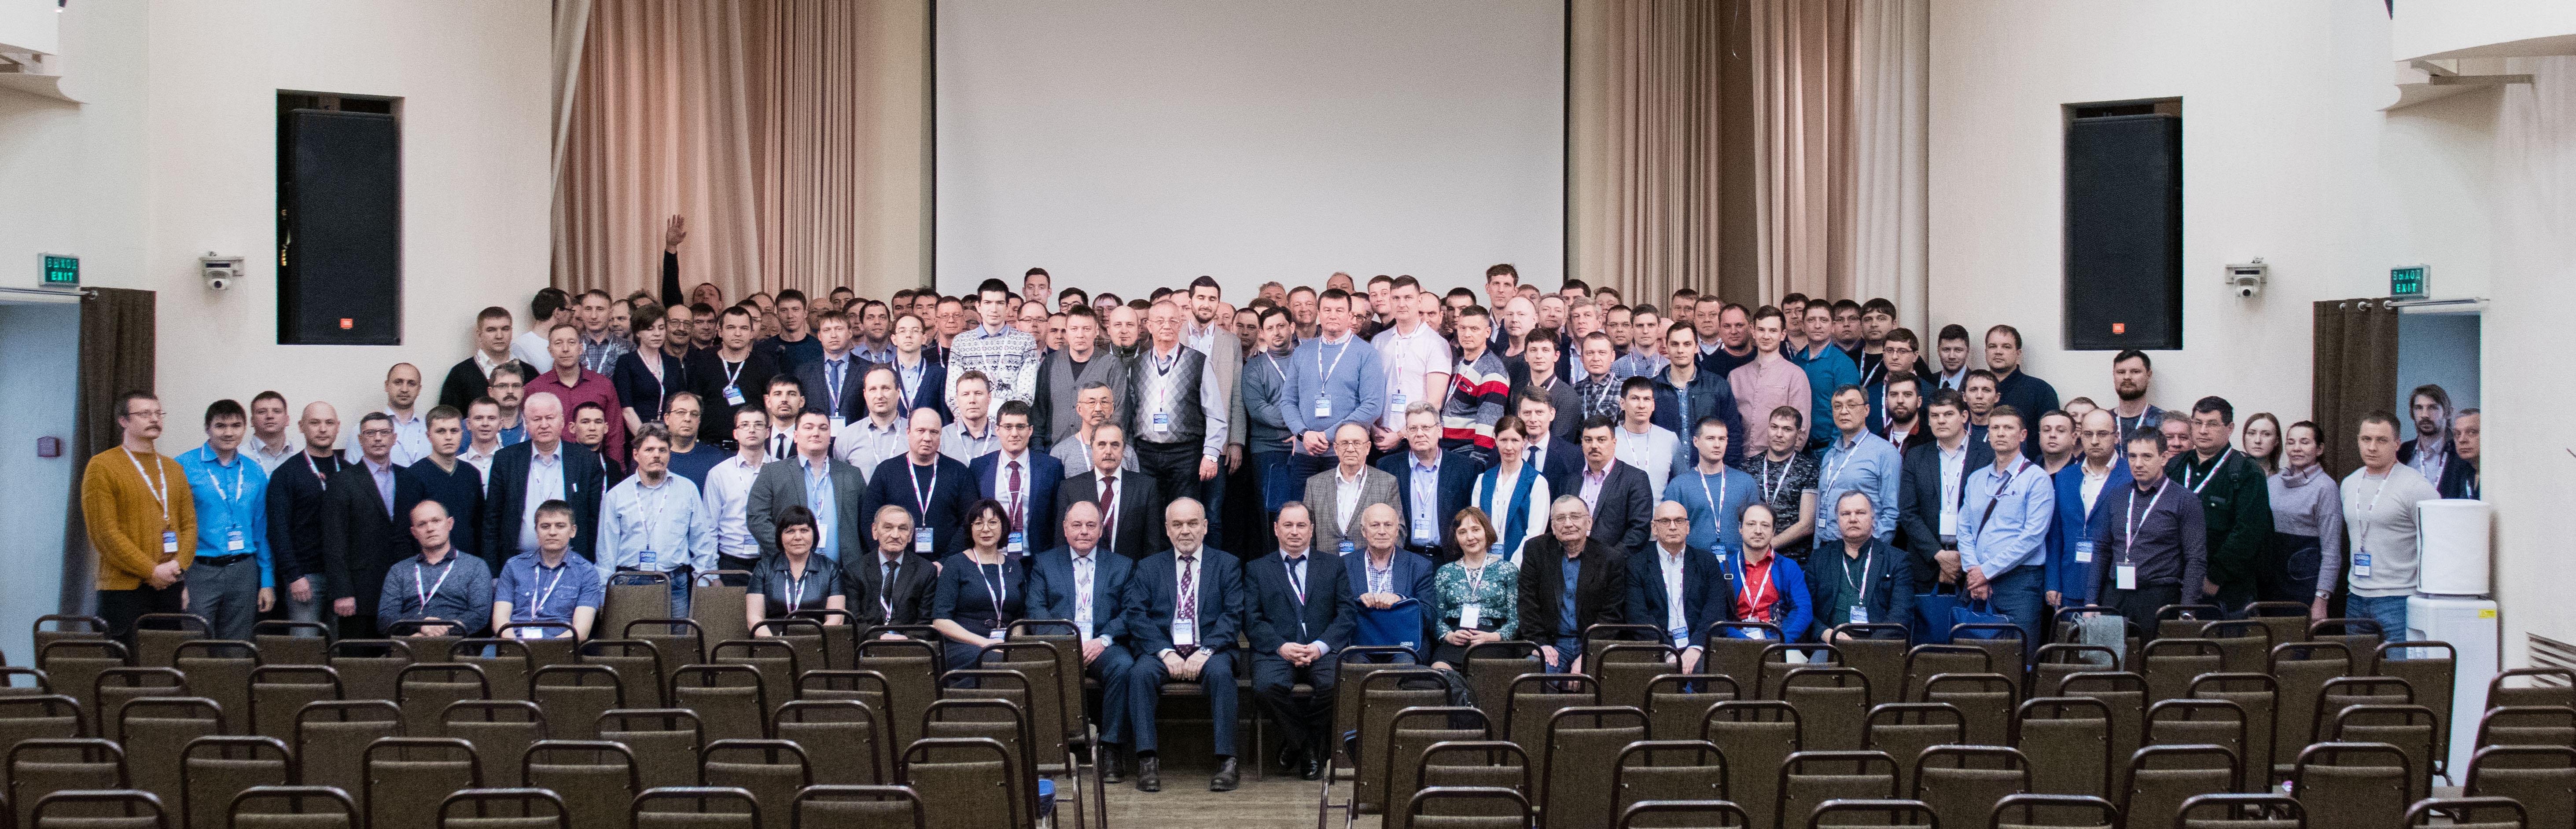 Конференция DIMRUS по теме «Методы и средства контроля изоляции высоковольтного оборудования»